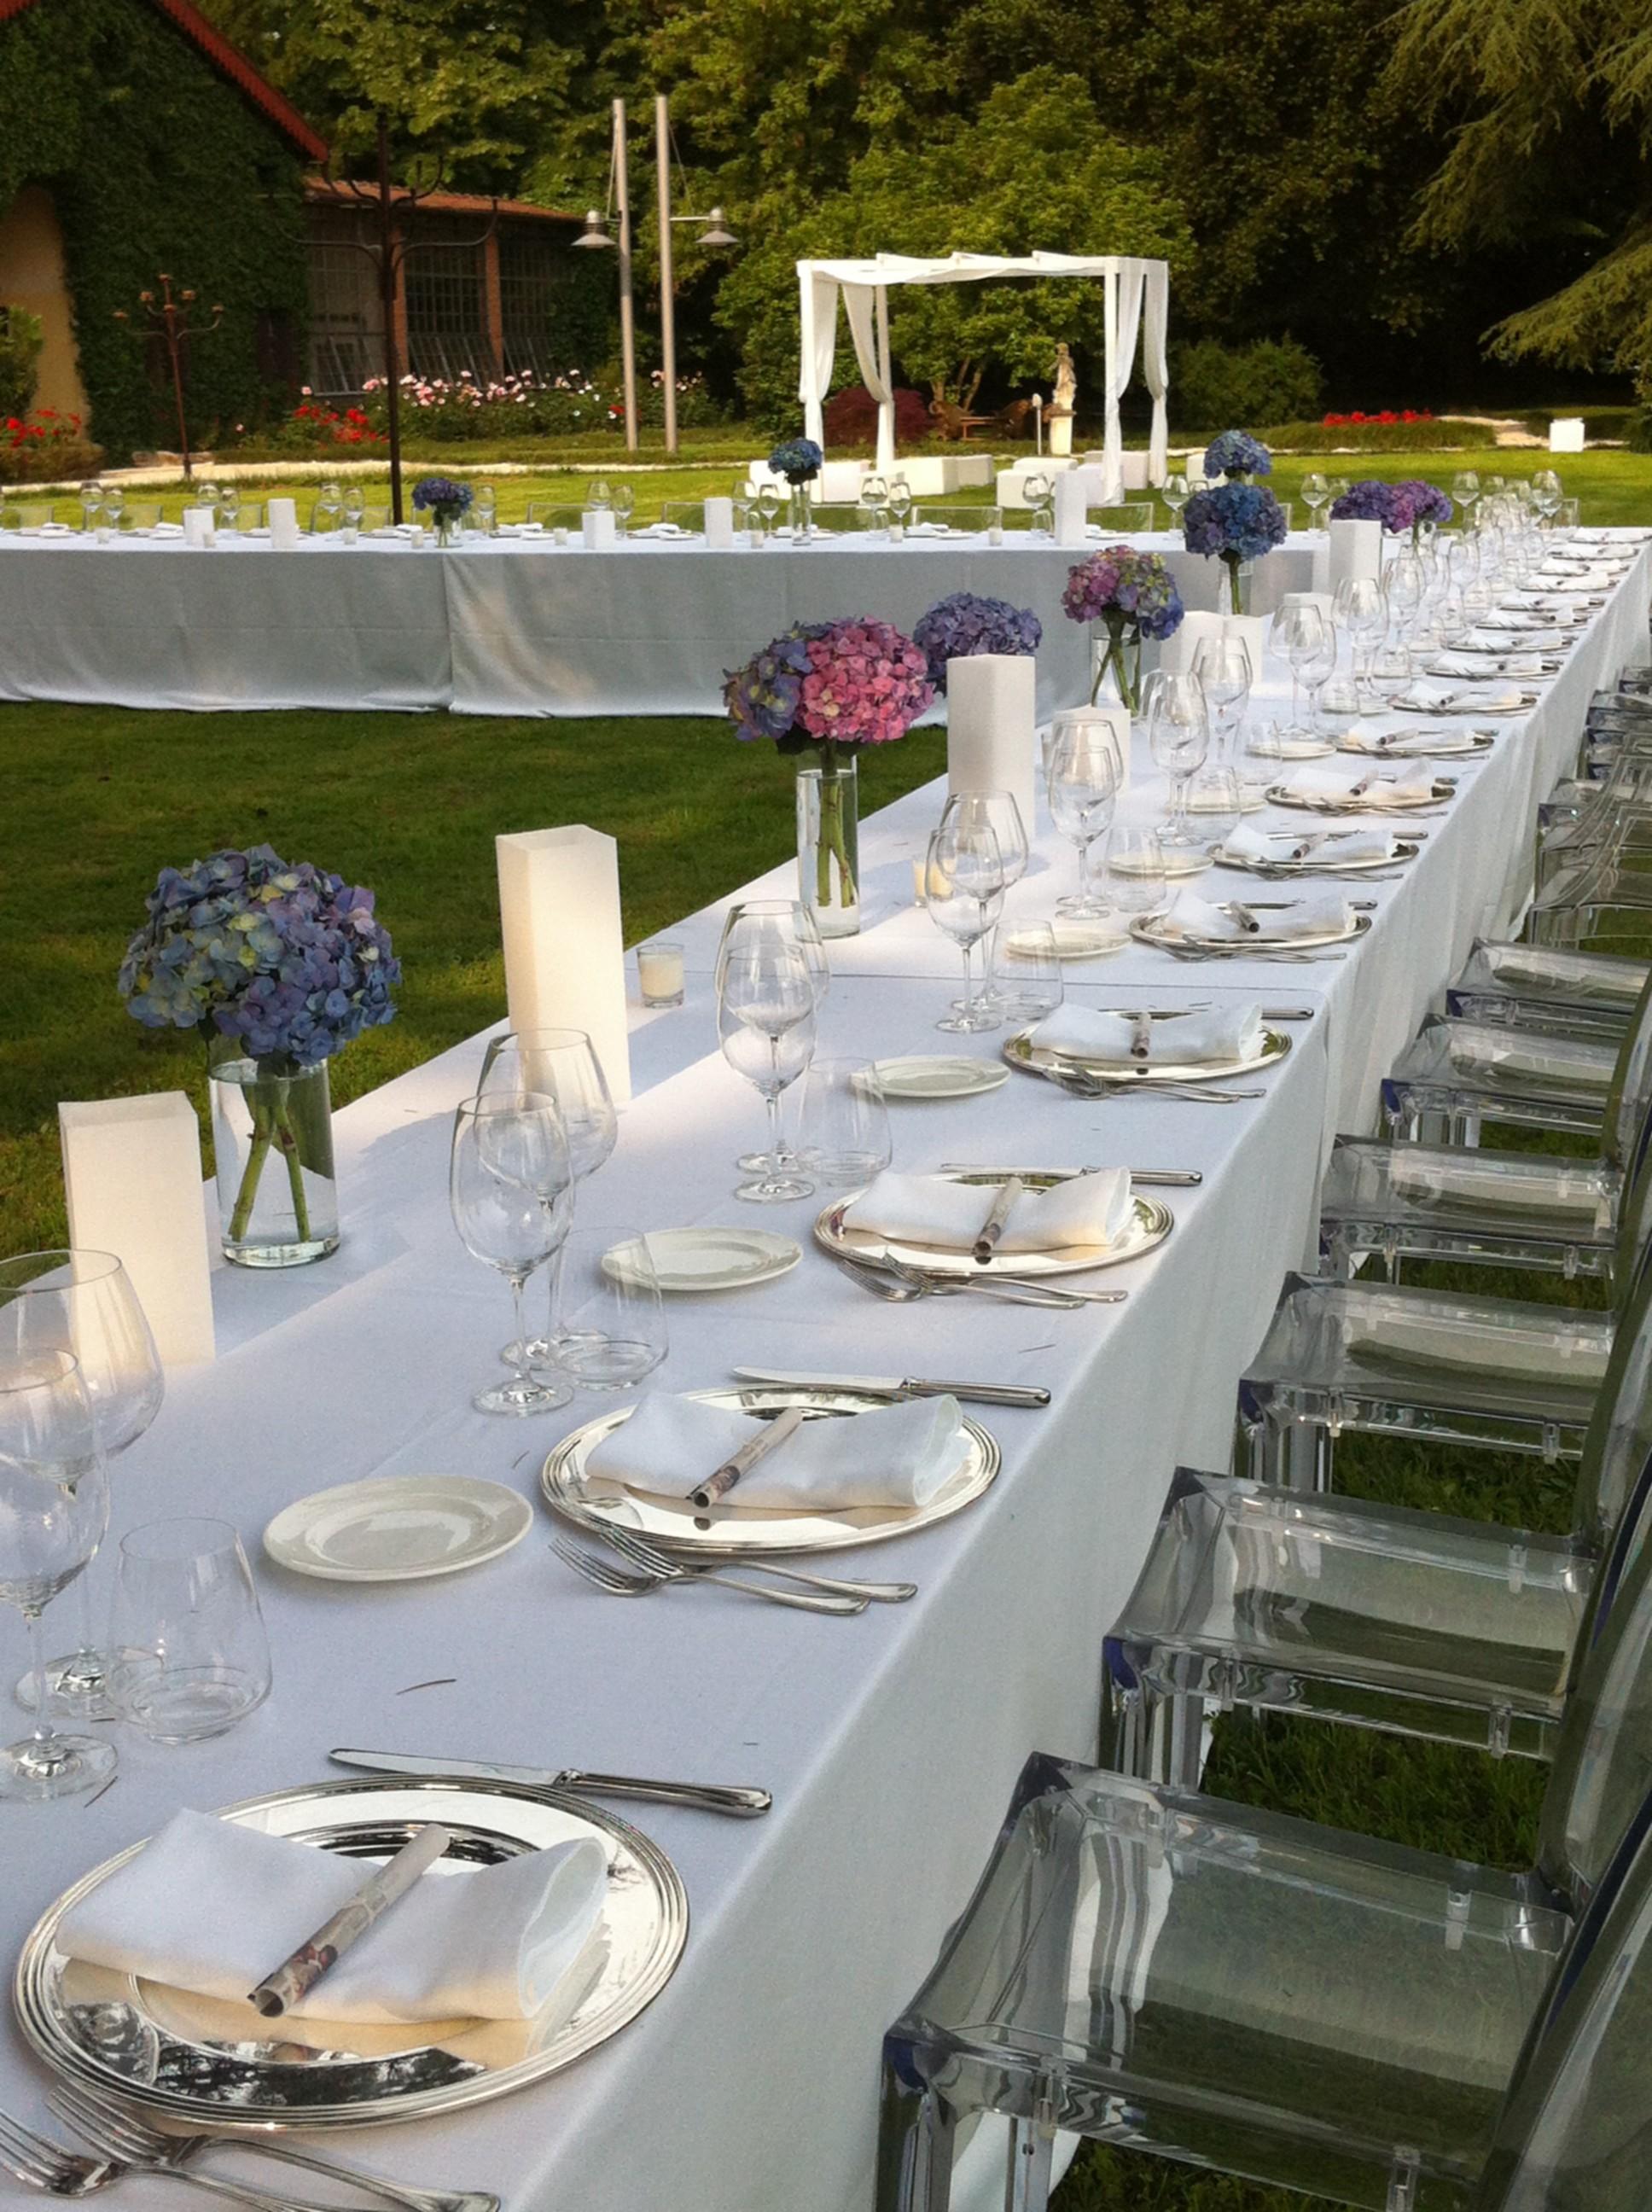 Bien connu Come organizzare i tavoli per un matrimonio - GuidaCatering.it RF48